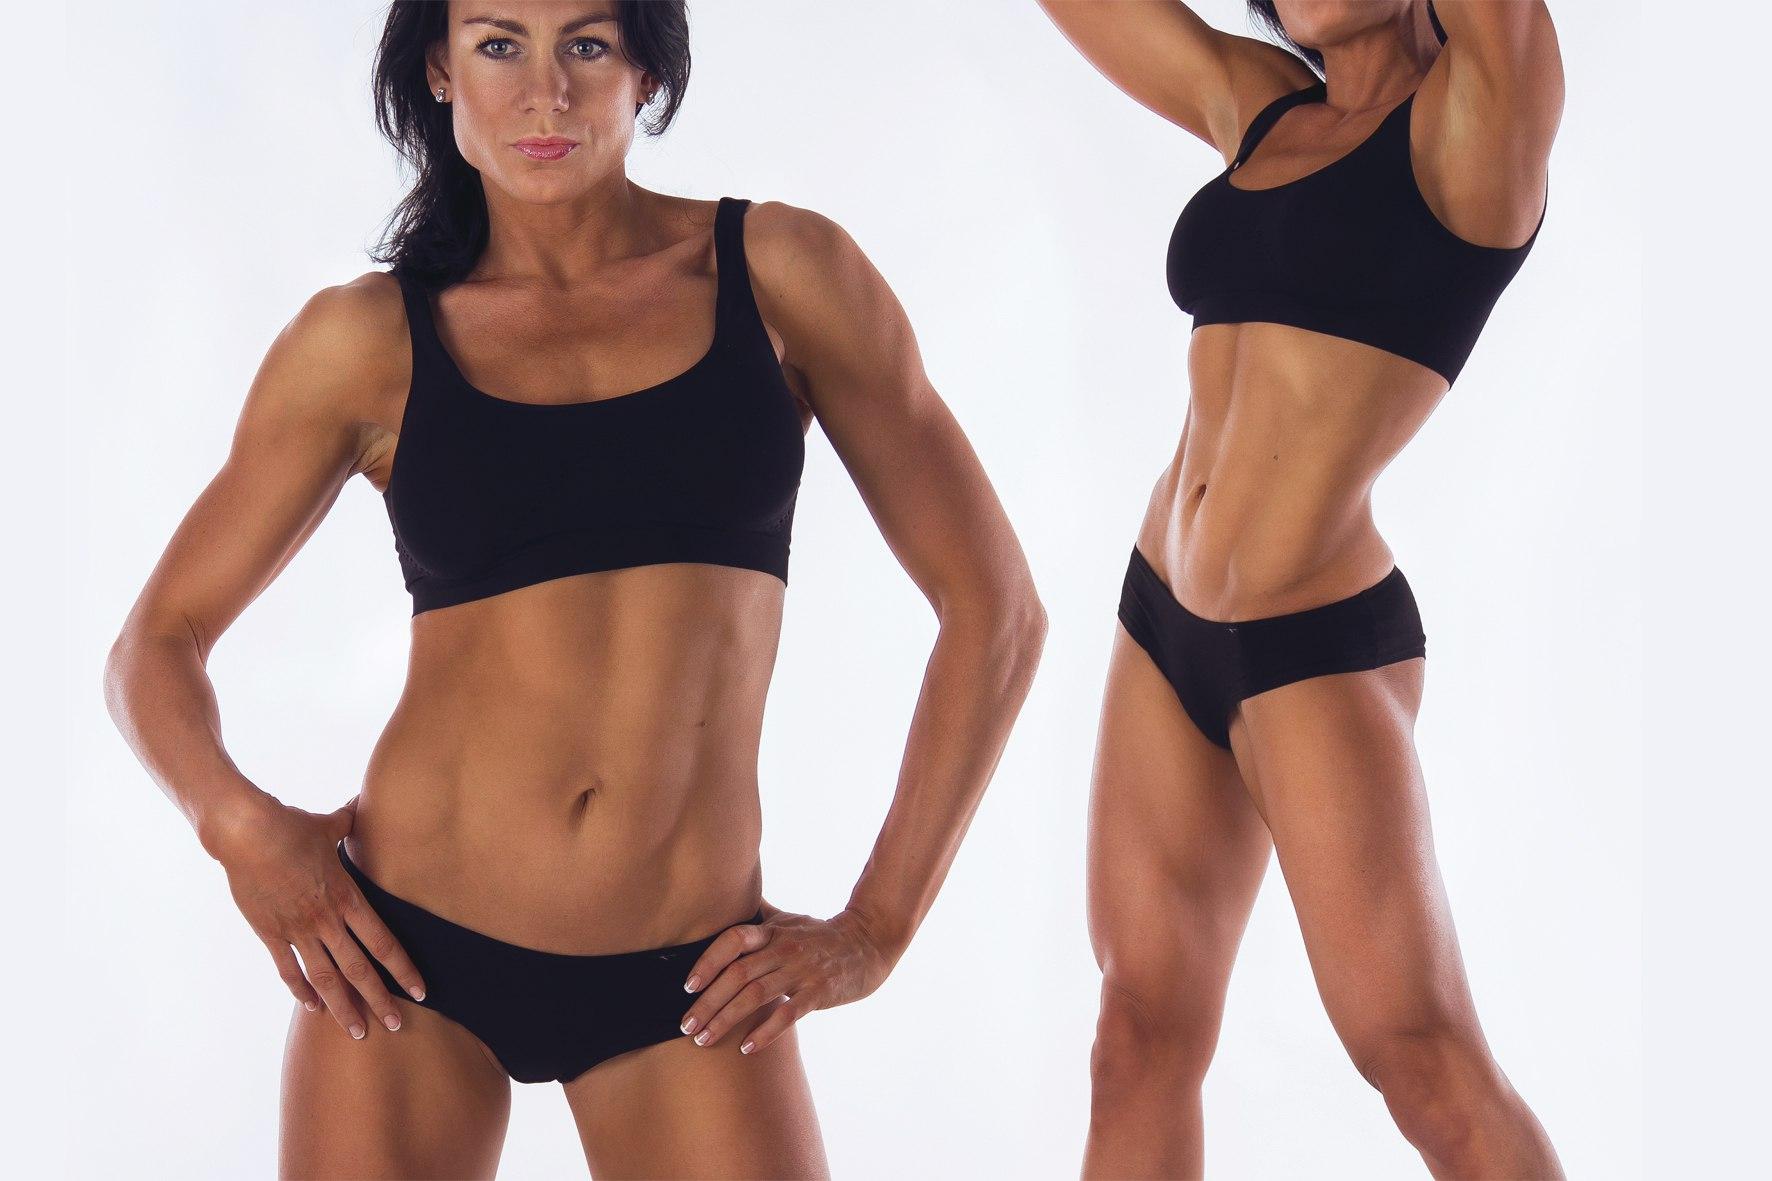 Секси девушки фитнес 28 фотография